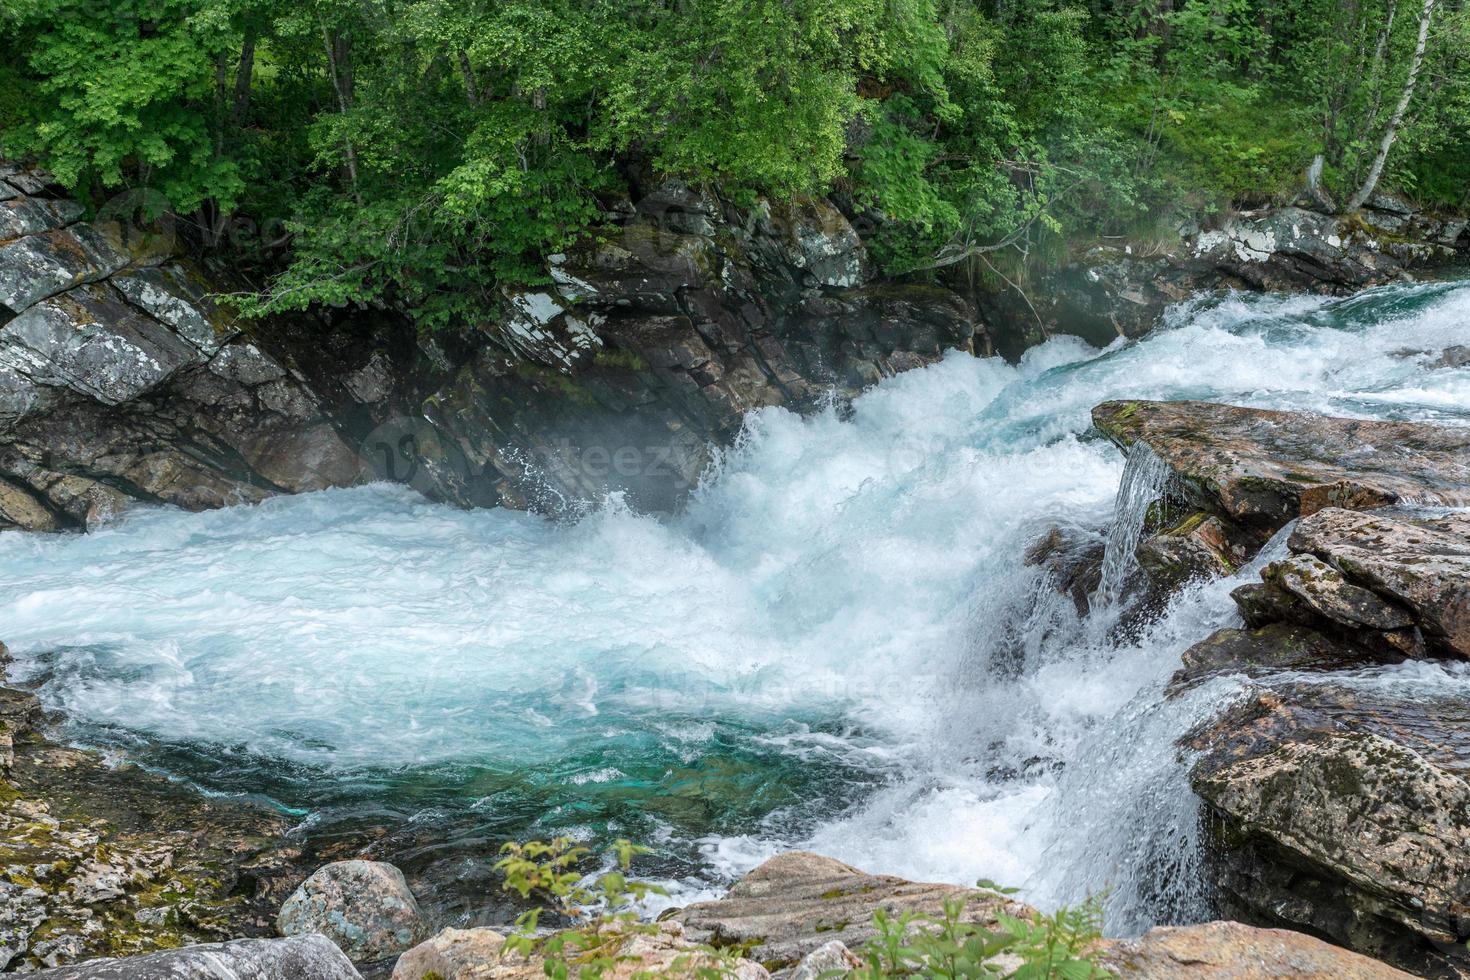 Ruisseau en Norvège avec de l'eau turquoise fraîche qui traverse les rochers photo